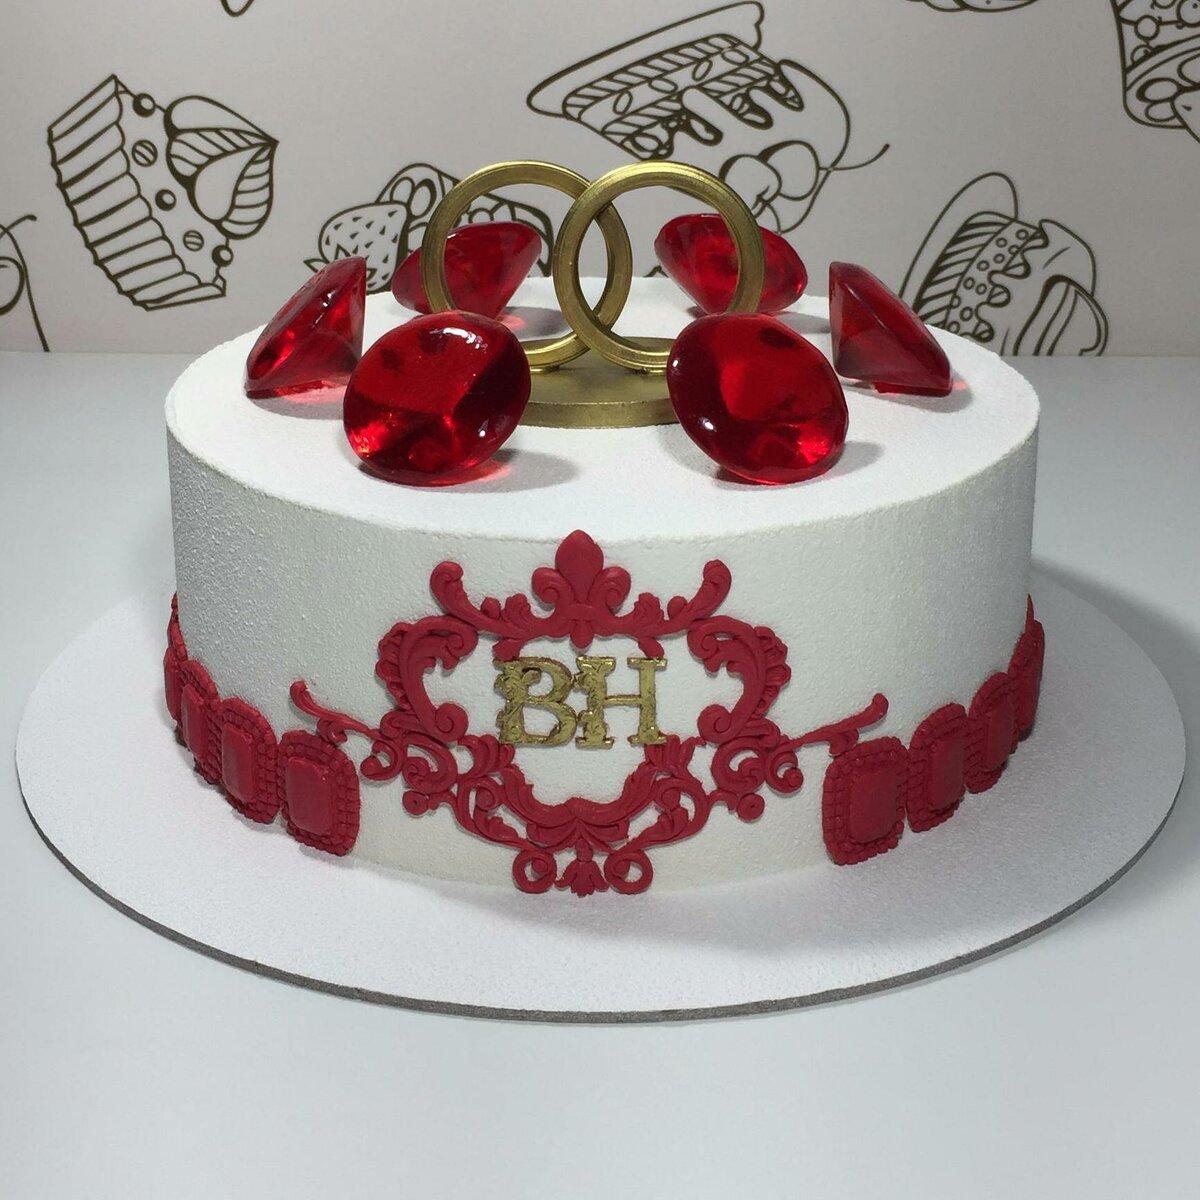 торт в виде рубина фото помощью фотографии подчеркнуть